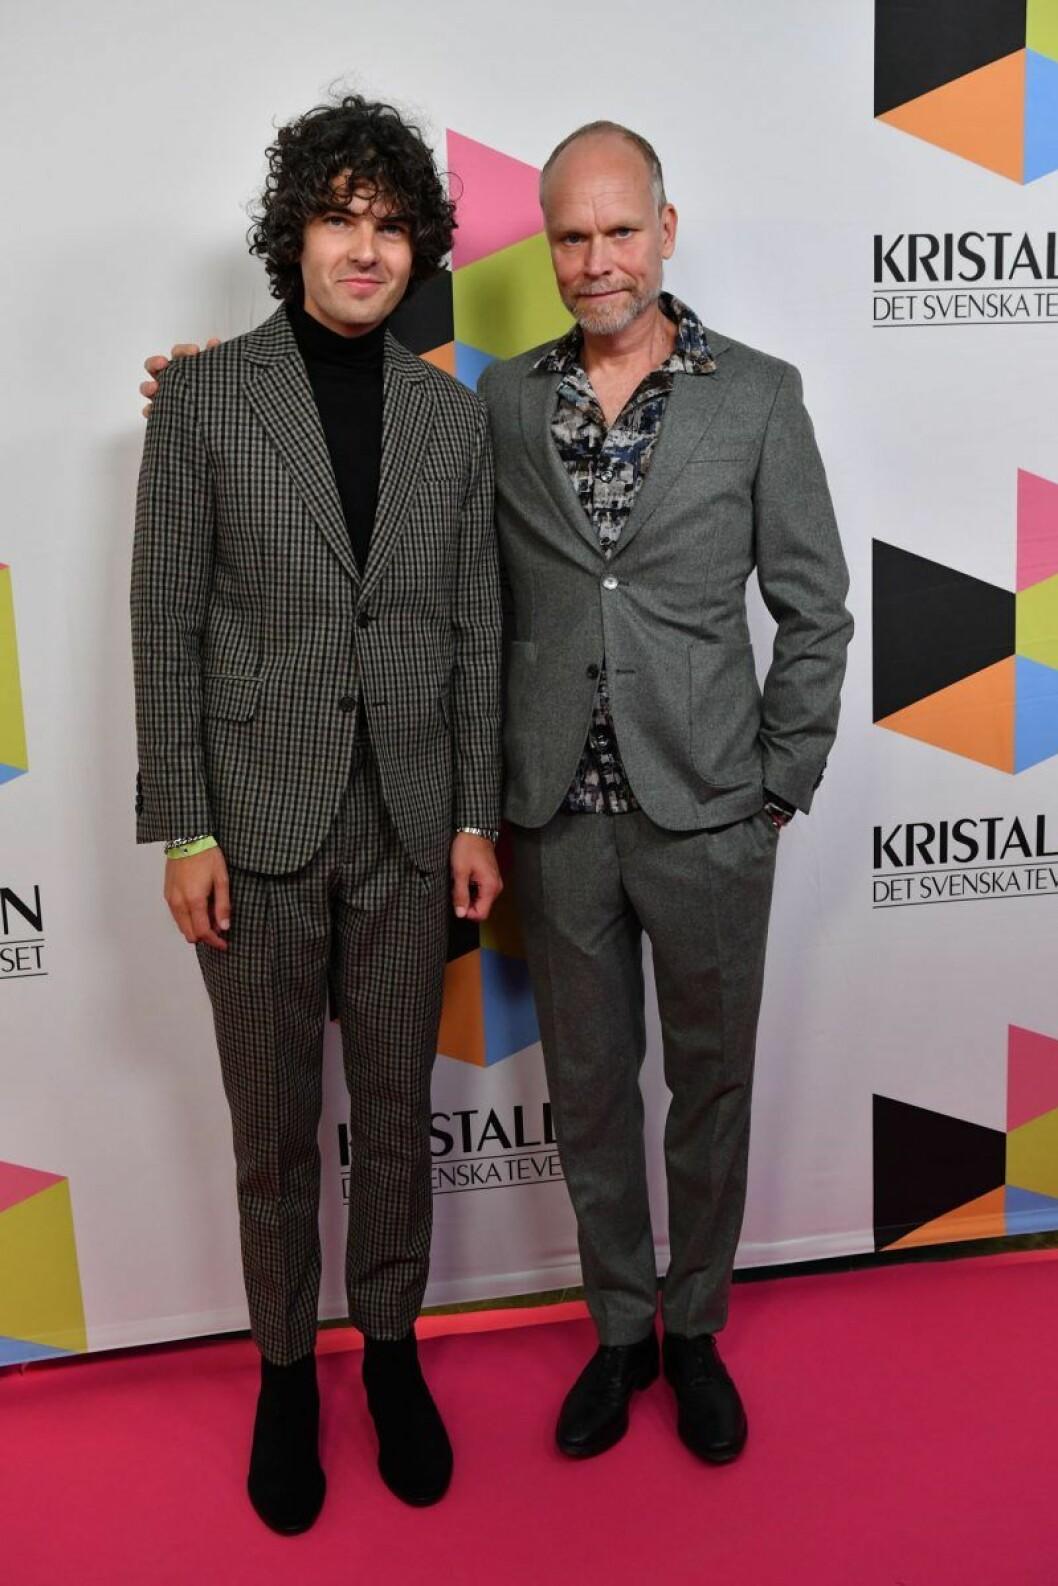 Daniel Hallberg och Kristian Luuk på röda mattan på Kristallen 2019